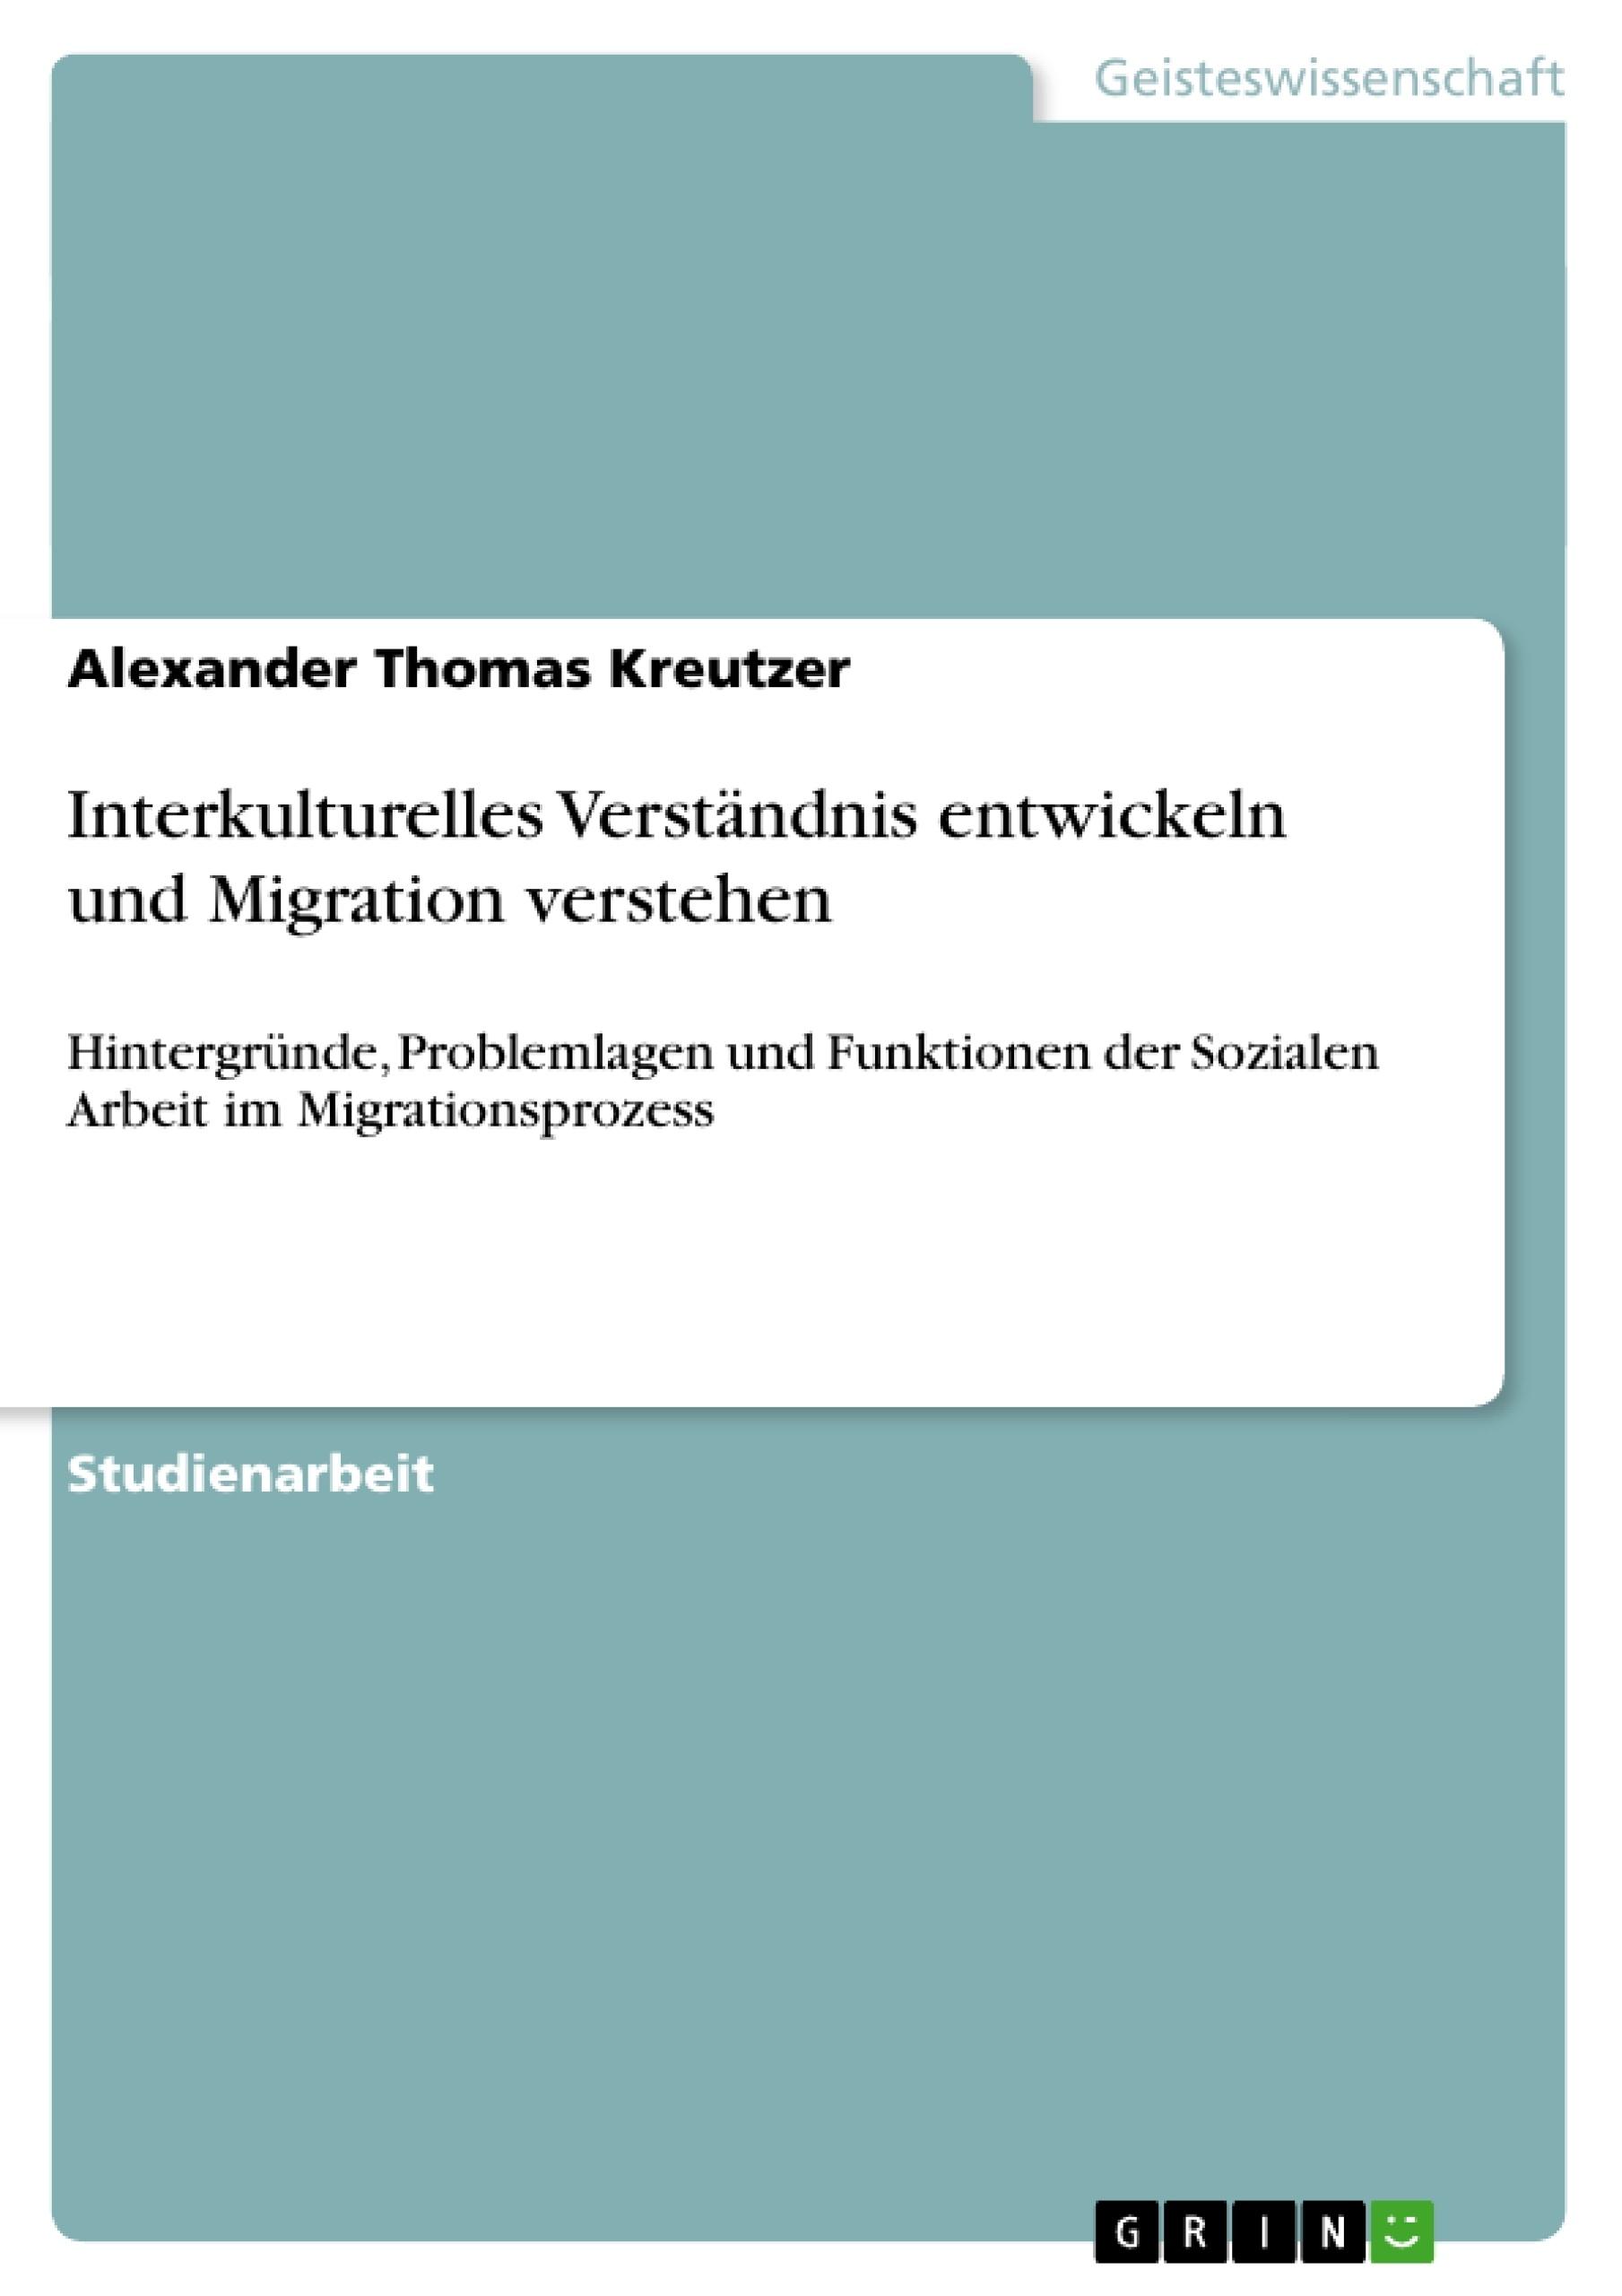 Titel: Interkulturelles Verständnis entwickeln und Migration verstehen